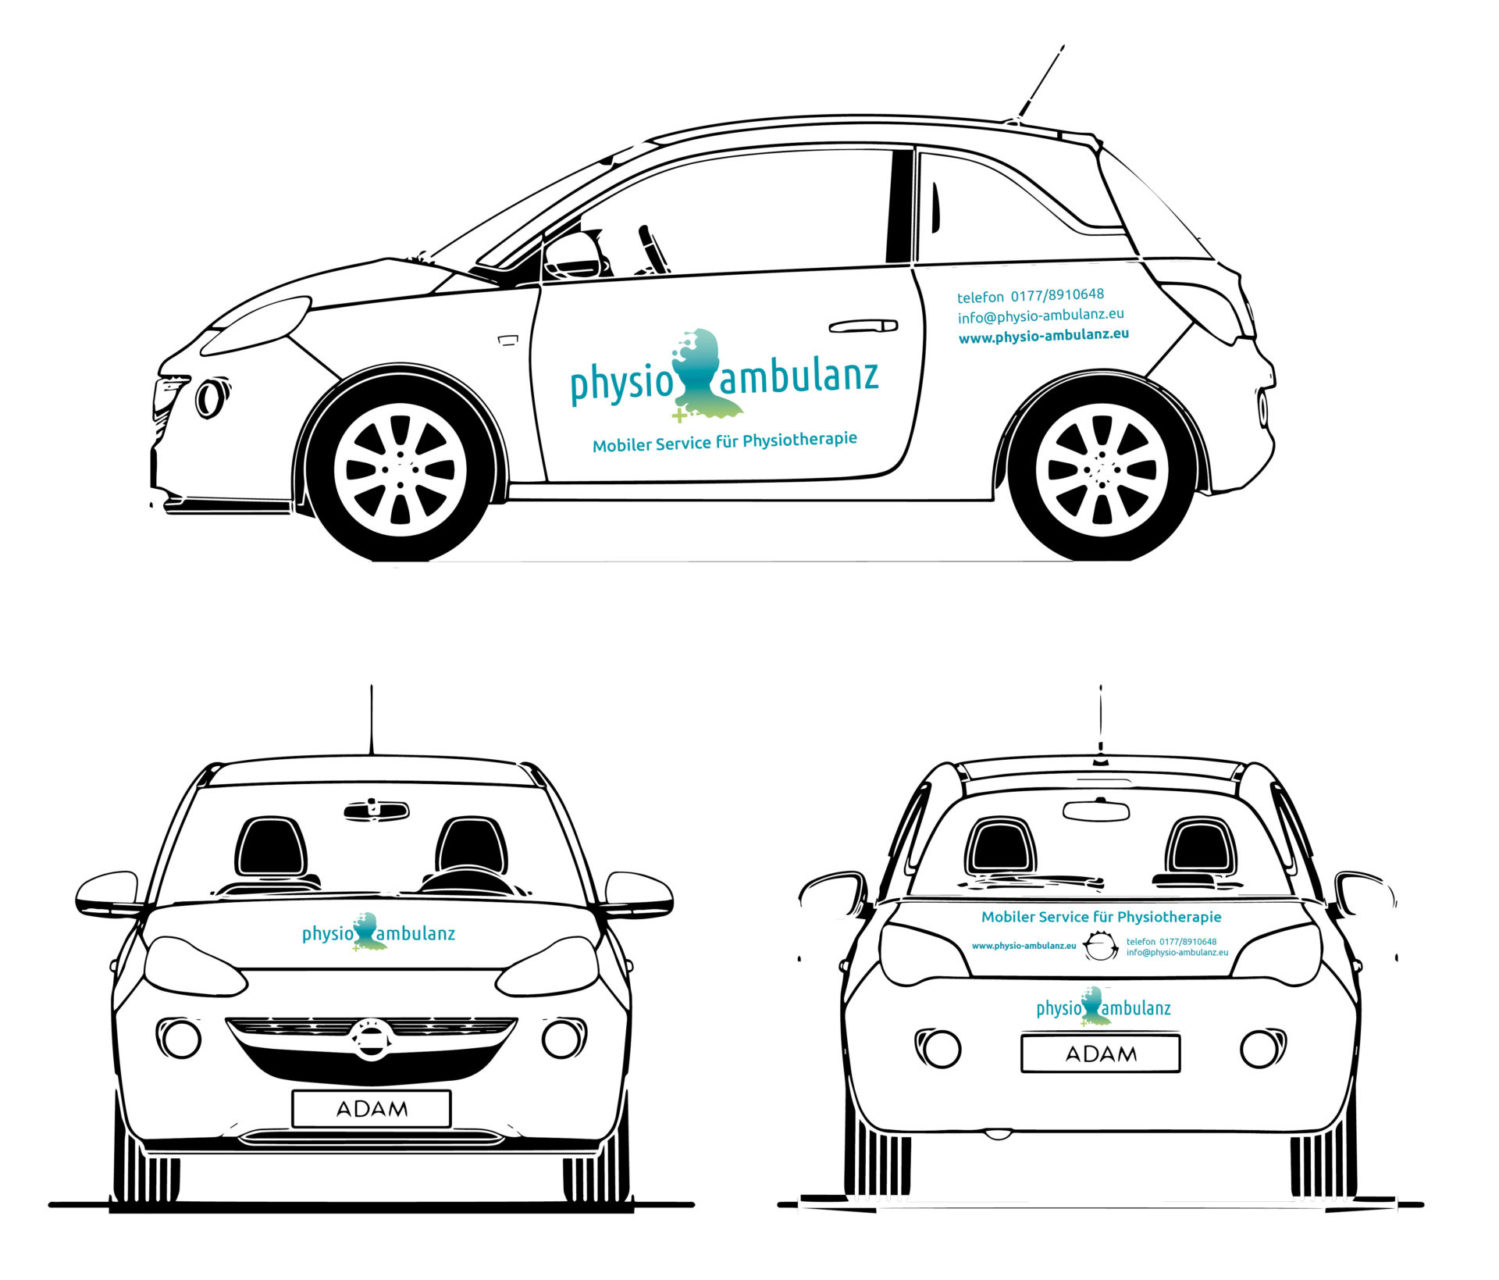 Physio Ambulanz Referenz 5 Prunt Druck Autobeschriftung Auto Druck Klebefolie